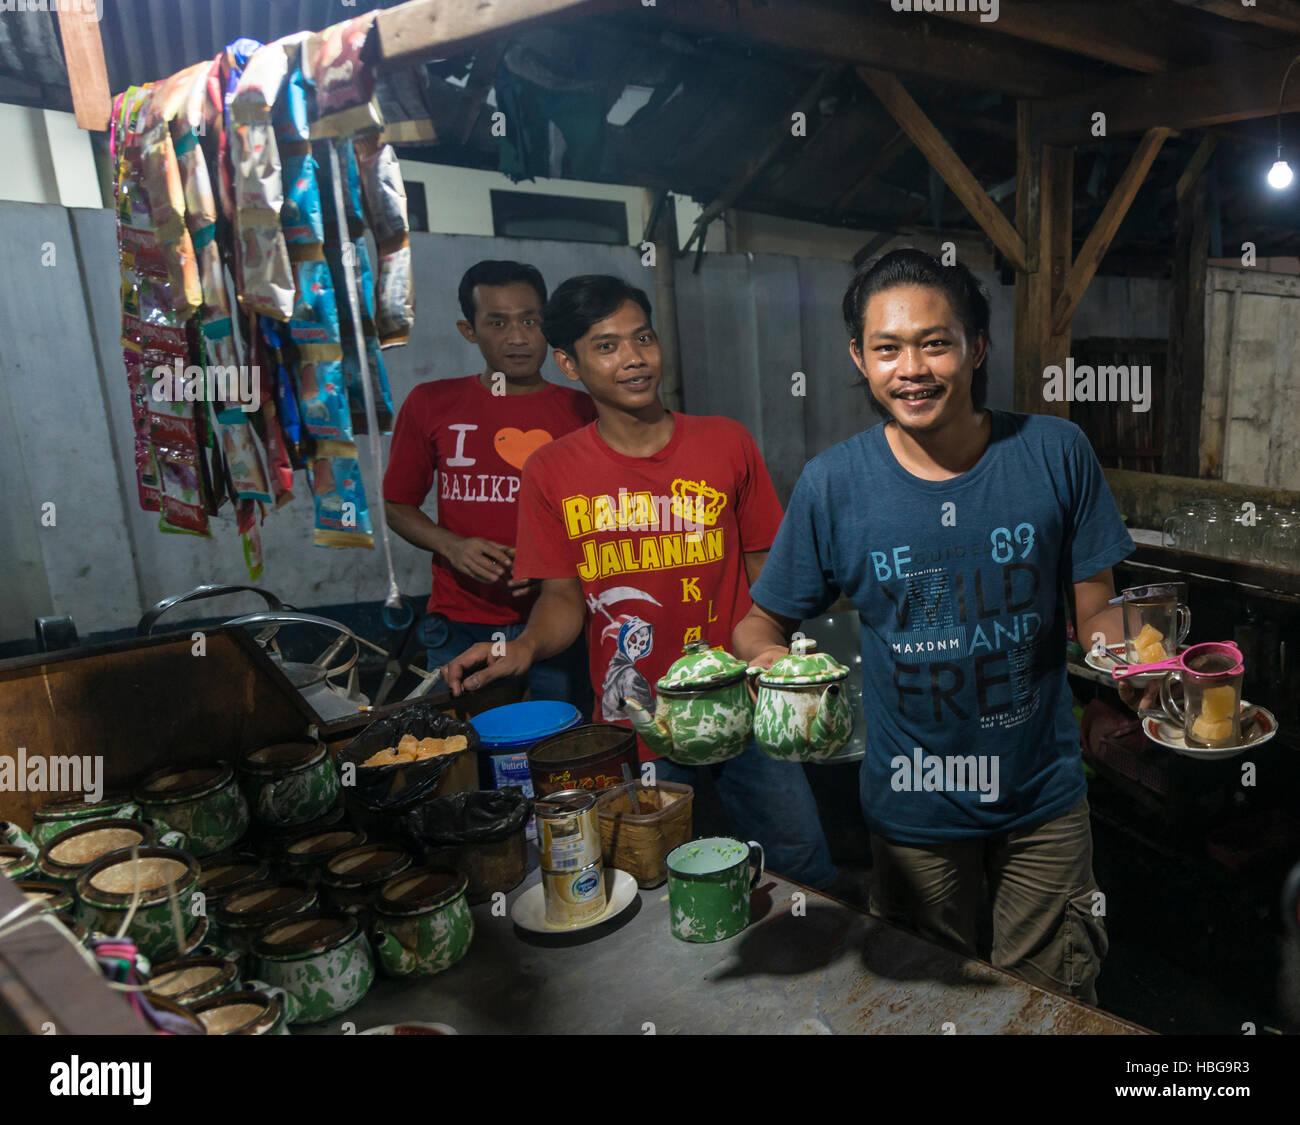 Cameriere nativo offre tè da booth, Mercato alimentare, Yogyakarta, Java, Indonesia Immagini Stock